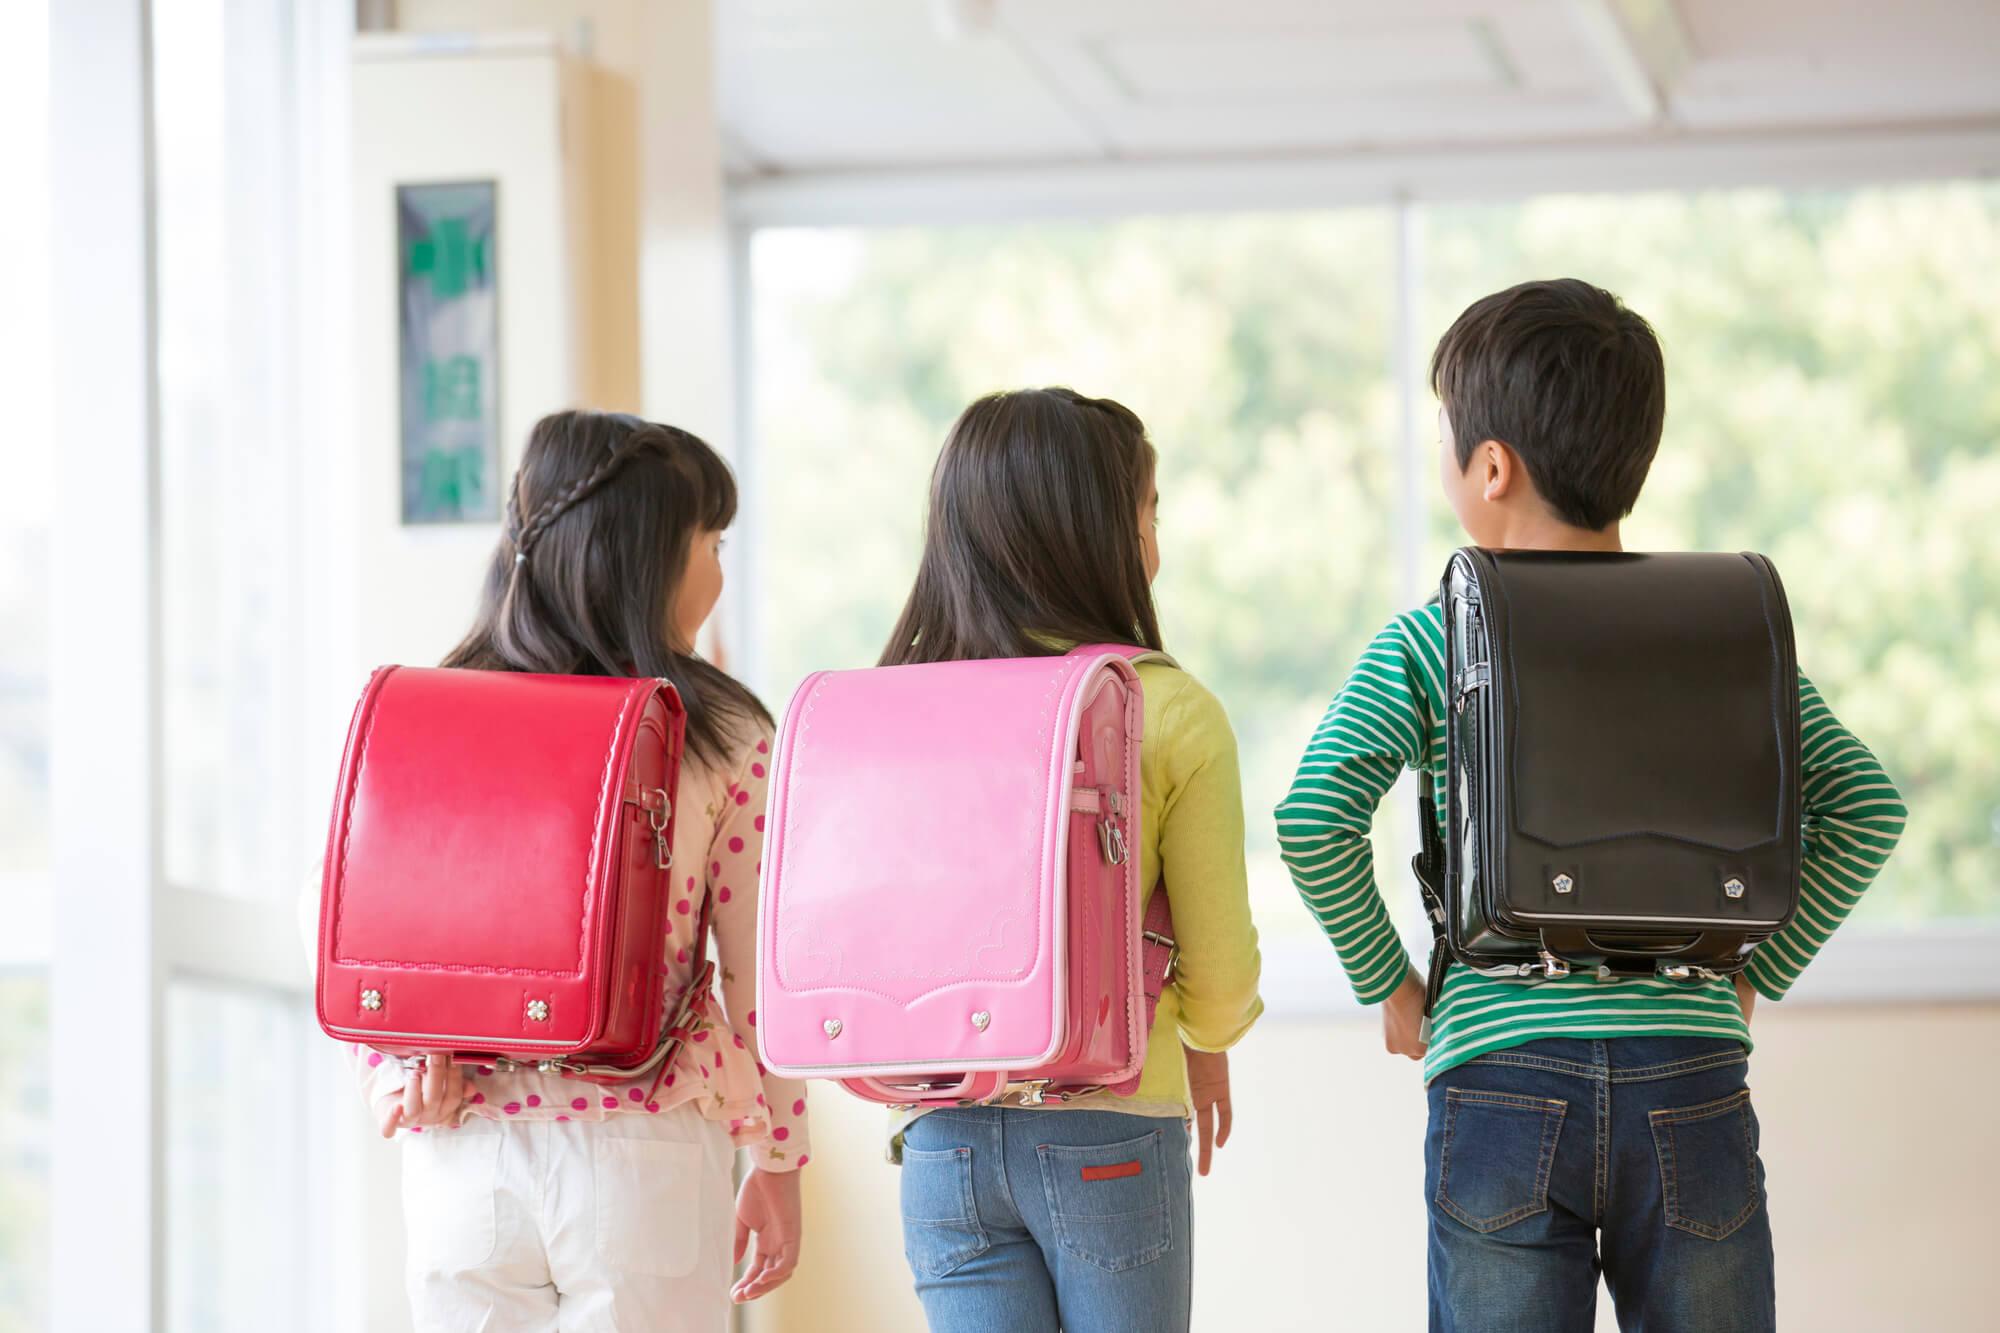 子どもの安全を守るための必須アイテム「子どもGPS」とは